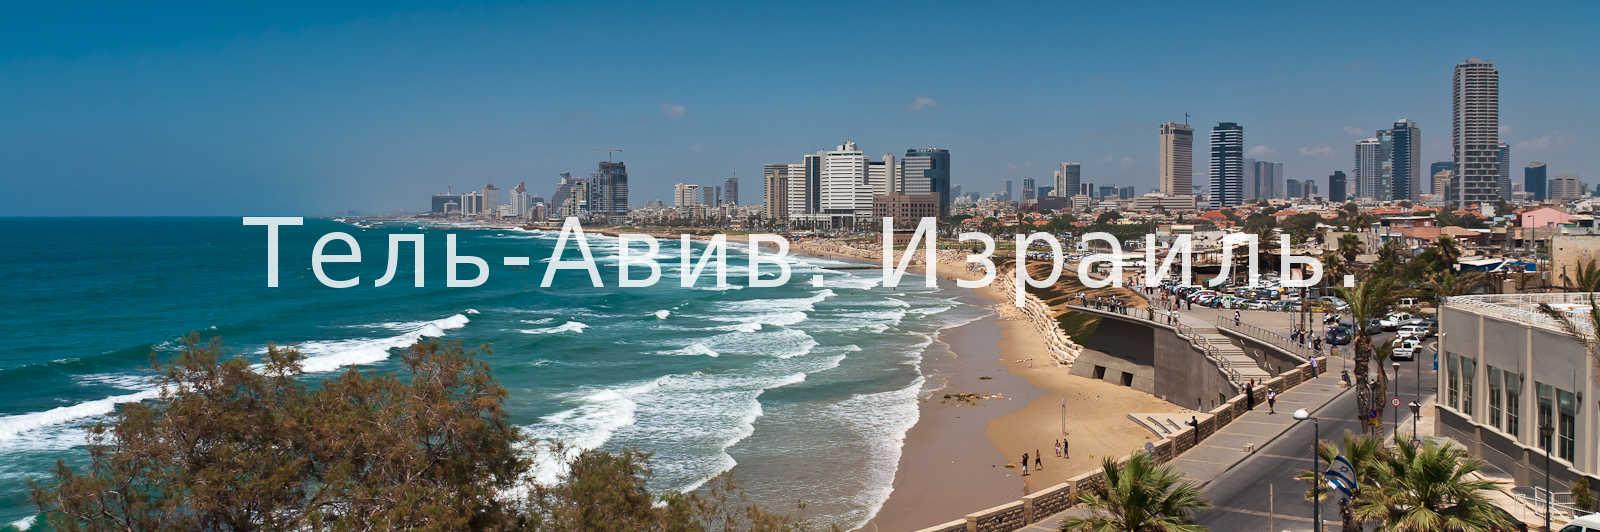 Тель-Авив, Израиль, море, набережная